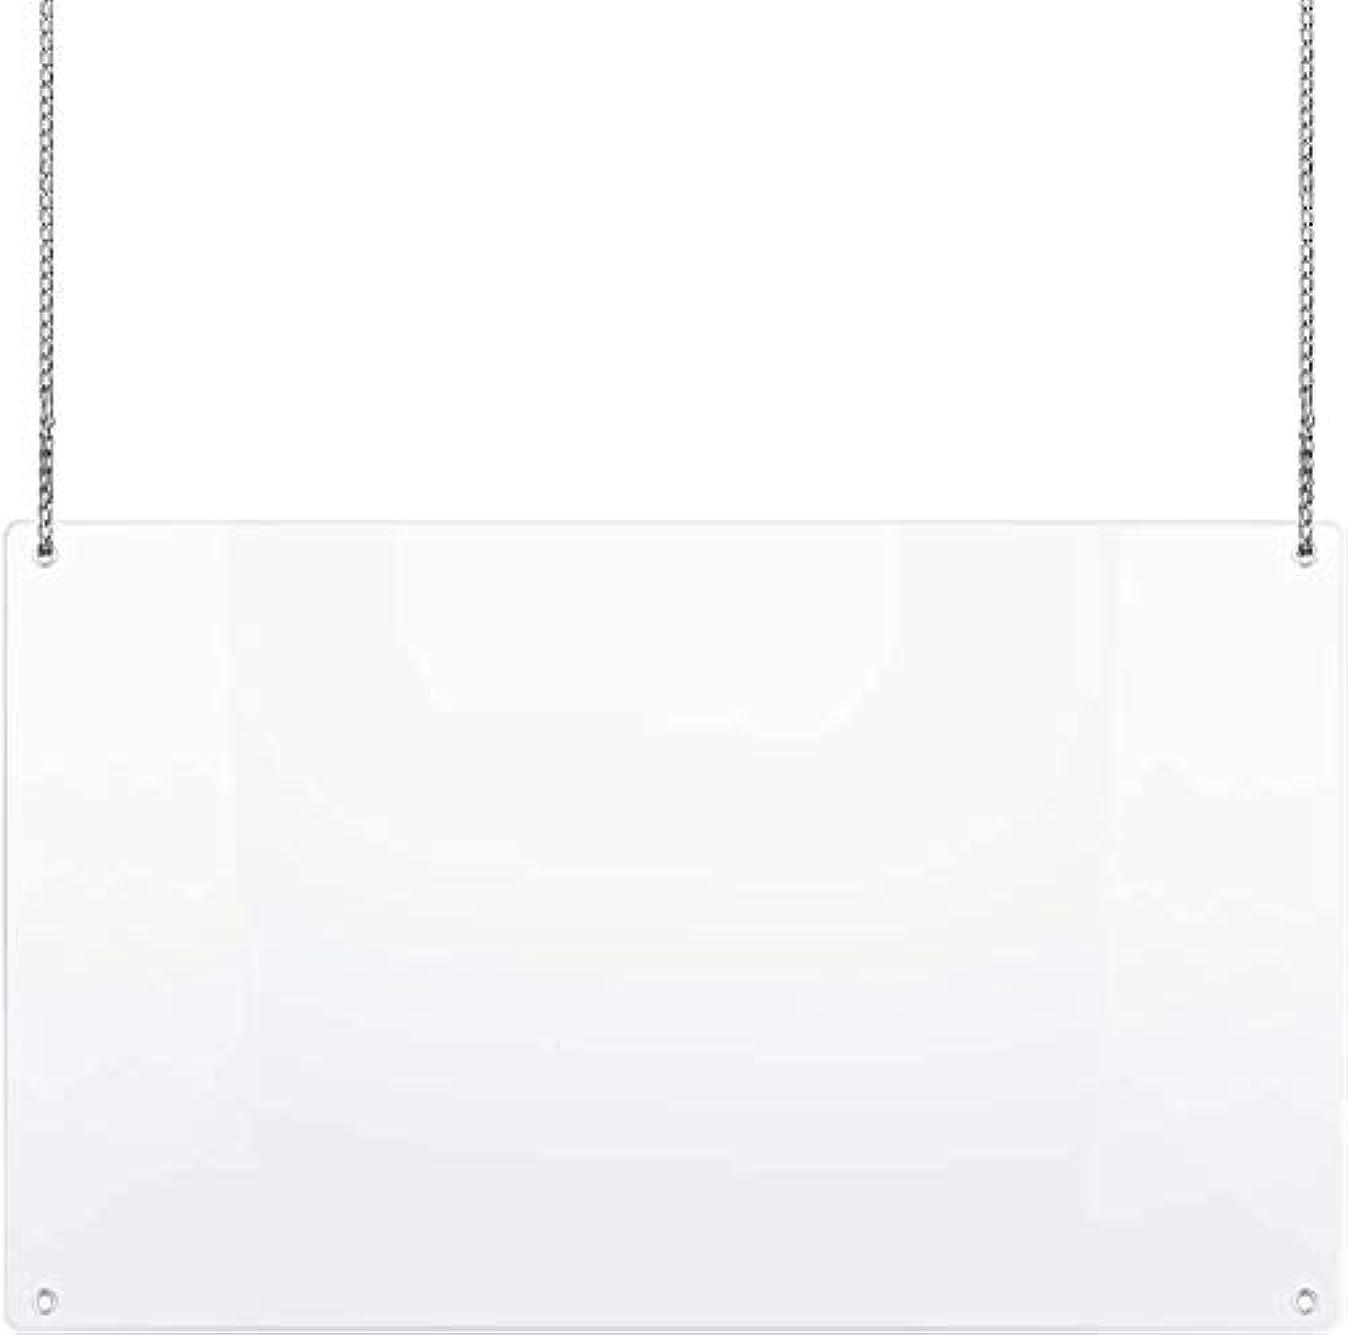 ポータルレザー健康的保護くしゃみガード安全保護のハンギングと折りたたみPVC製品安全カウンターに反対する咳や飛沫